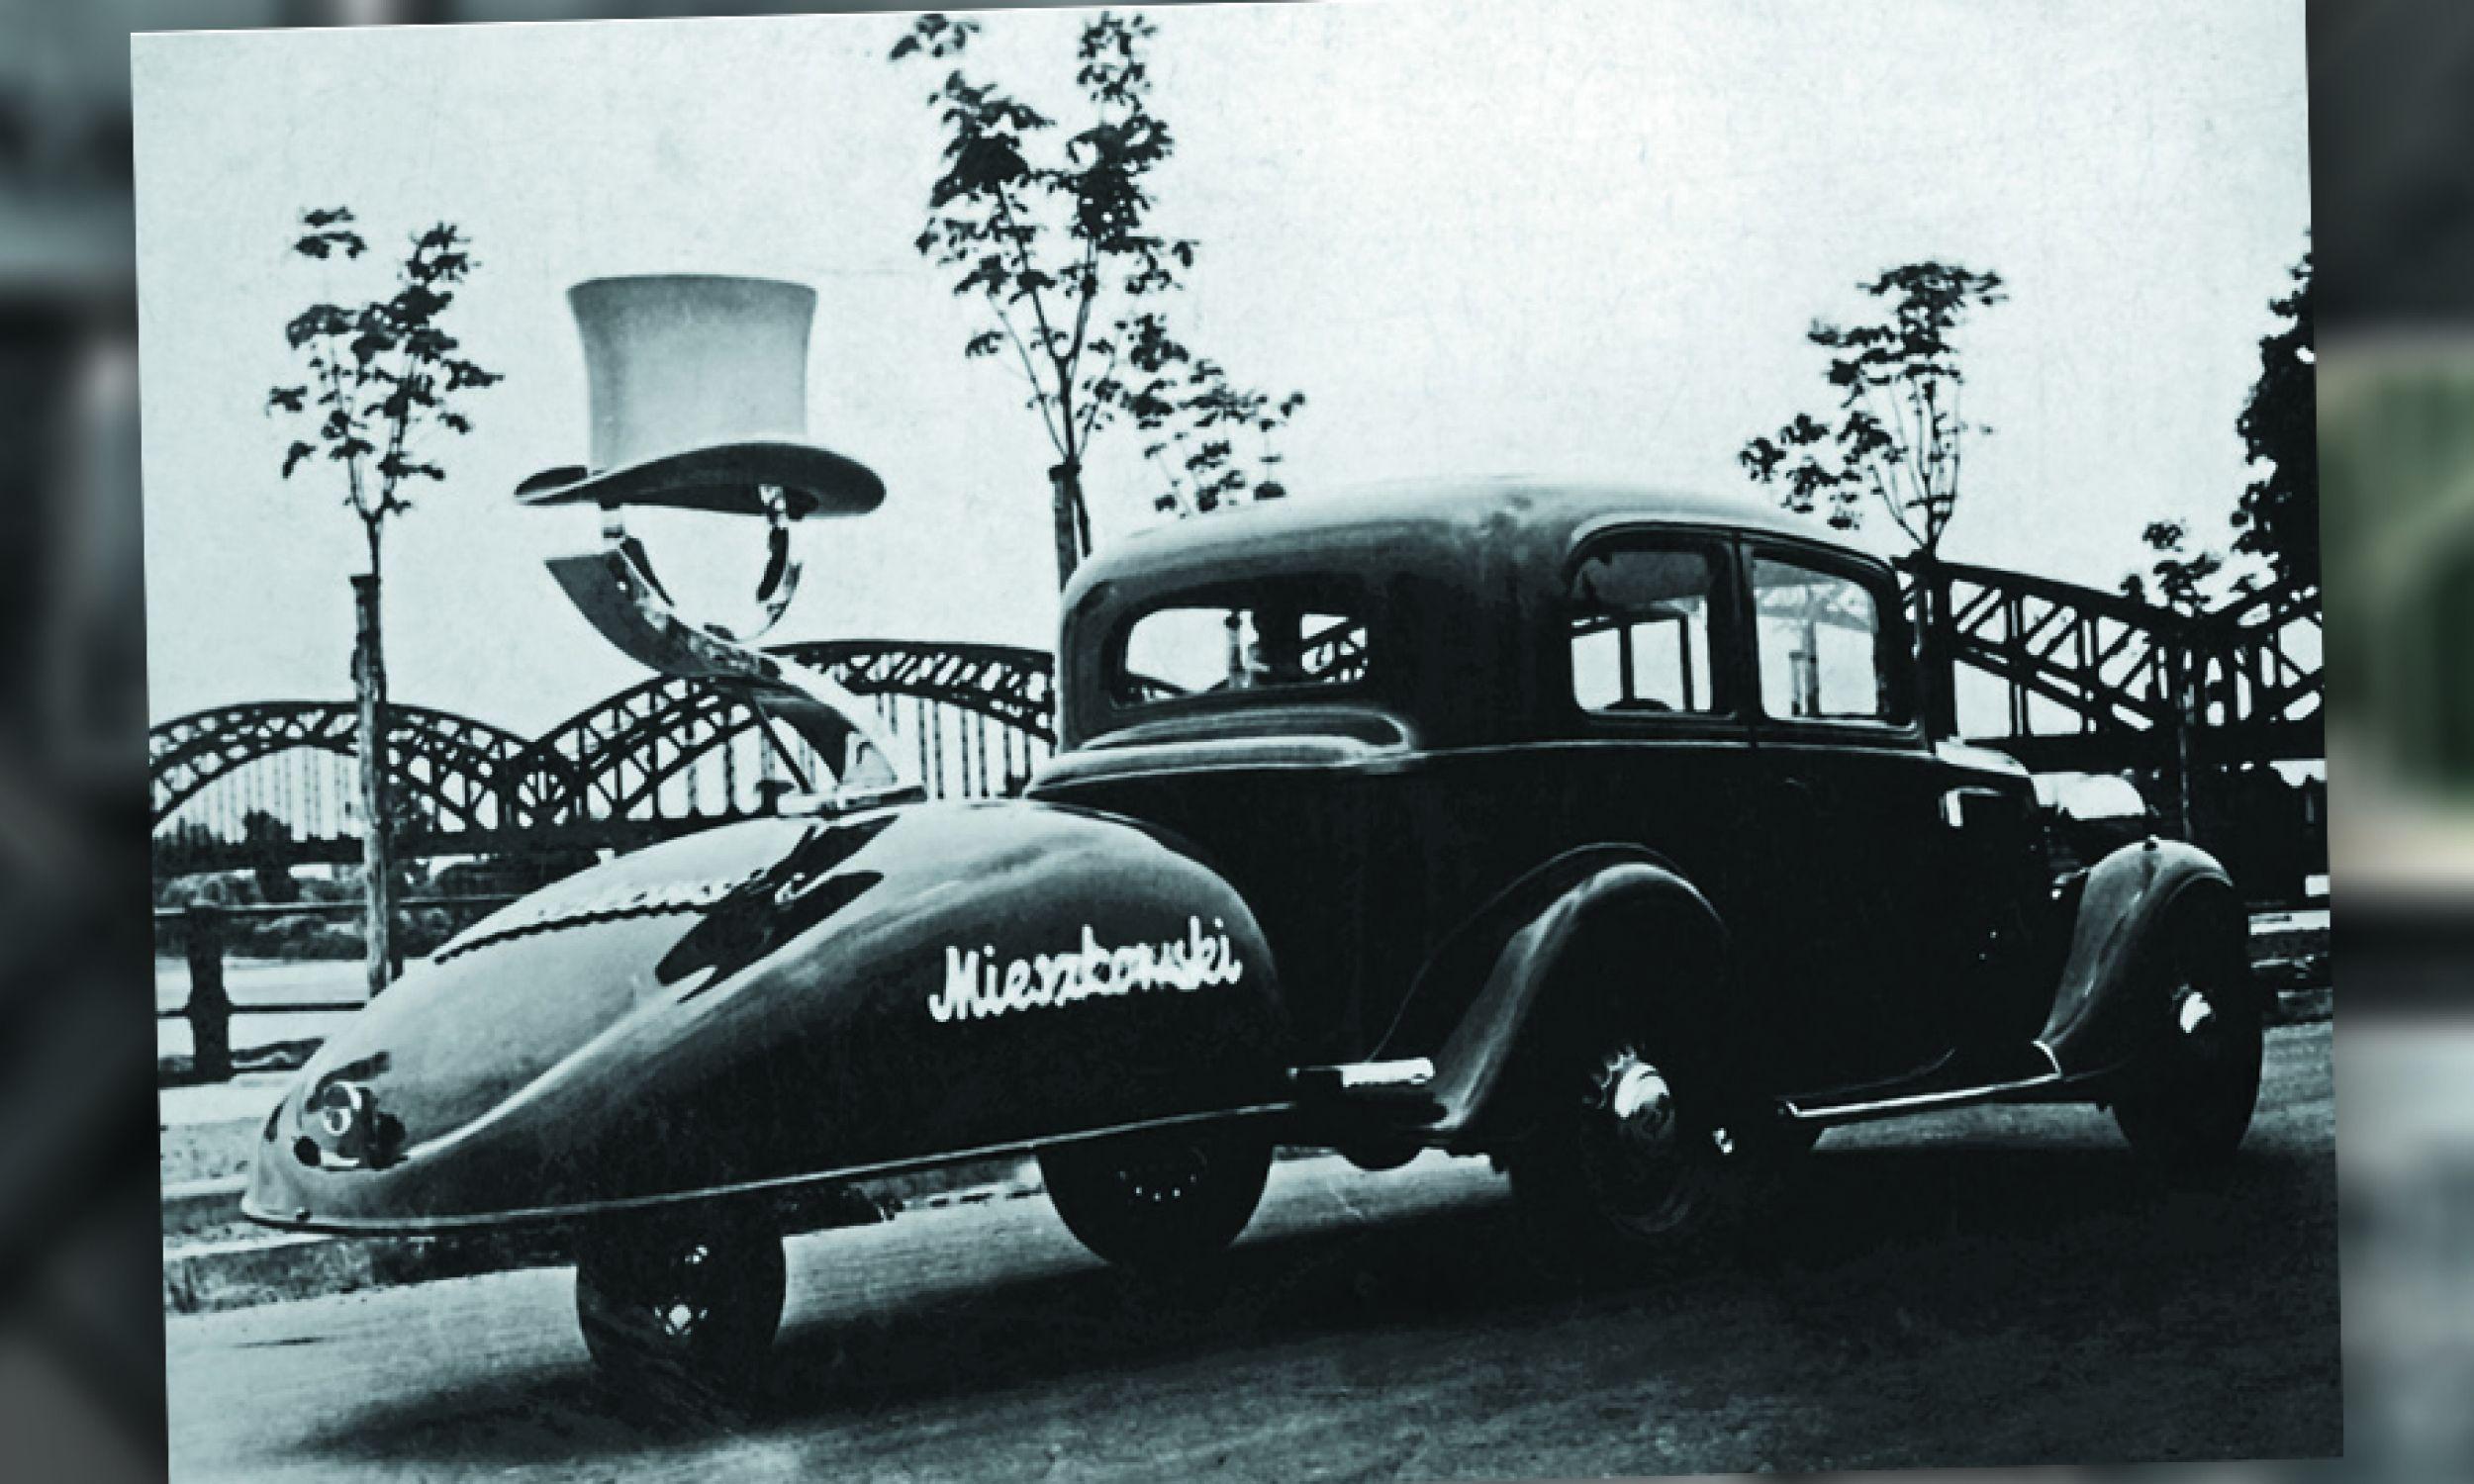 Samochodowa reklama kapeluszy firmy E. Mieszkowski (fot. zbiory E. Mieszkowskiego i Ośrodka KARTA)